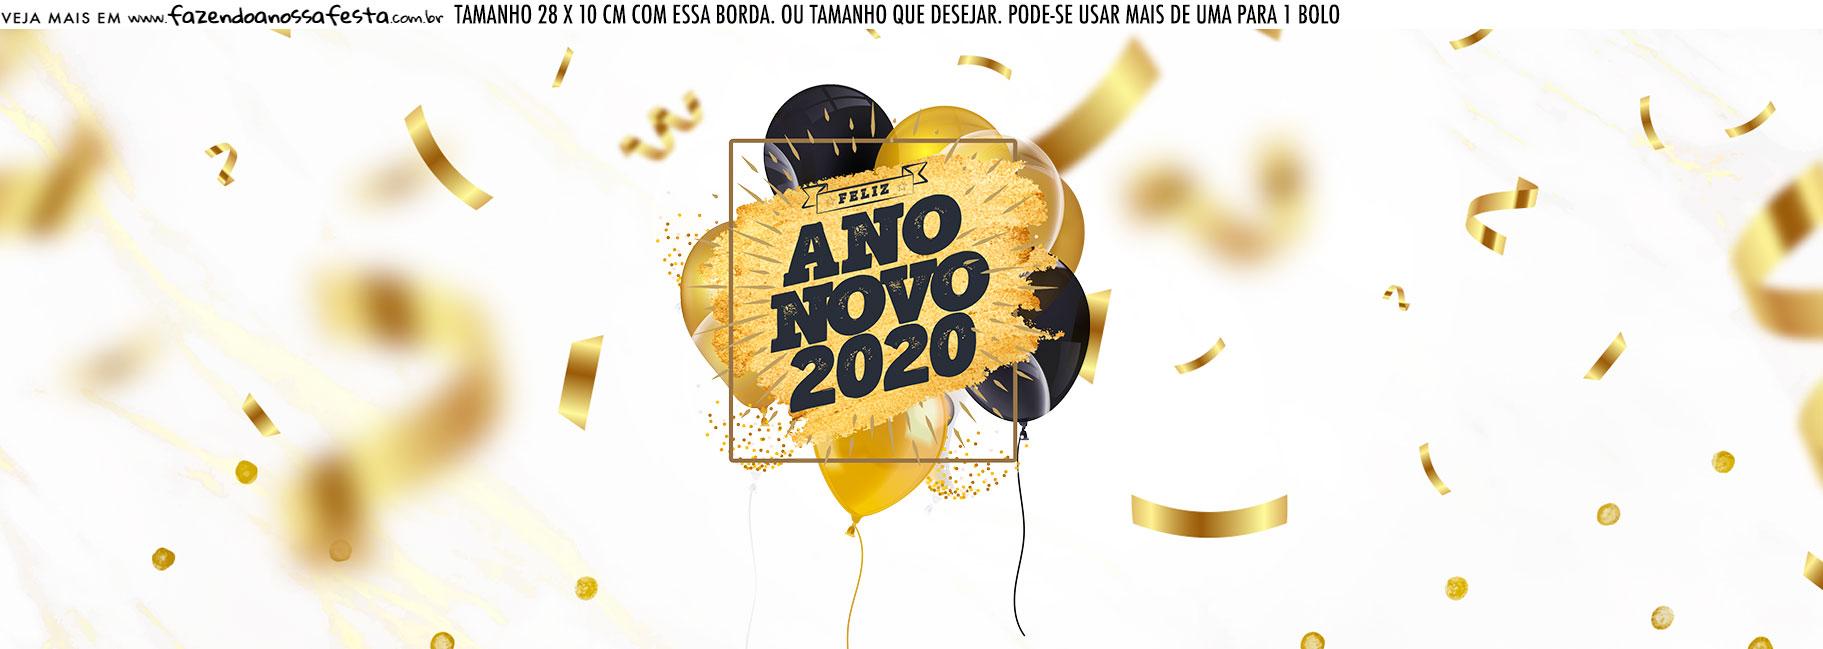 Saia Lateral de Bolo Kit Festa Ano Novo 2020